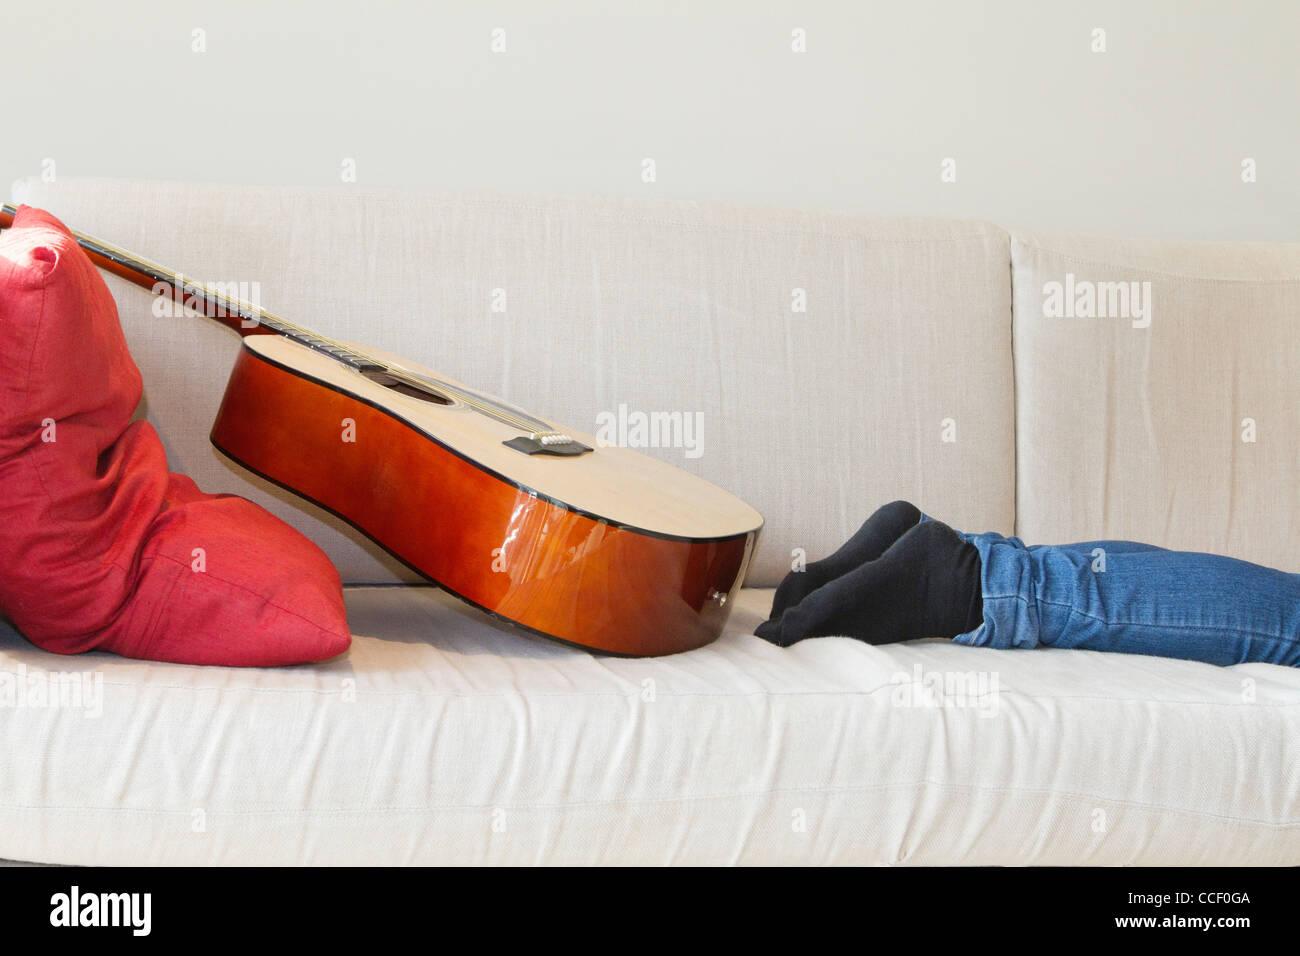 La sección baja de la pierna del hombre con guitarra mantenidos en el sofá Imagen De Stock